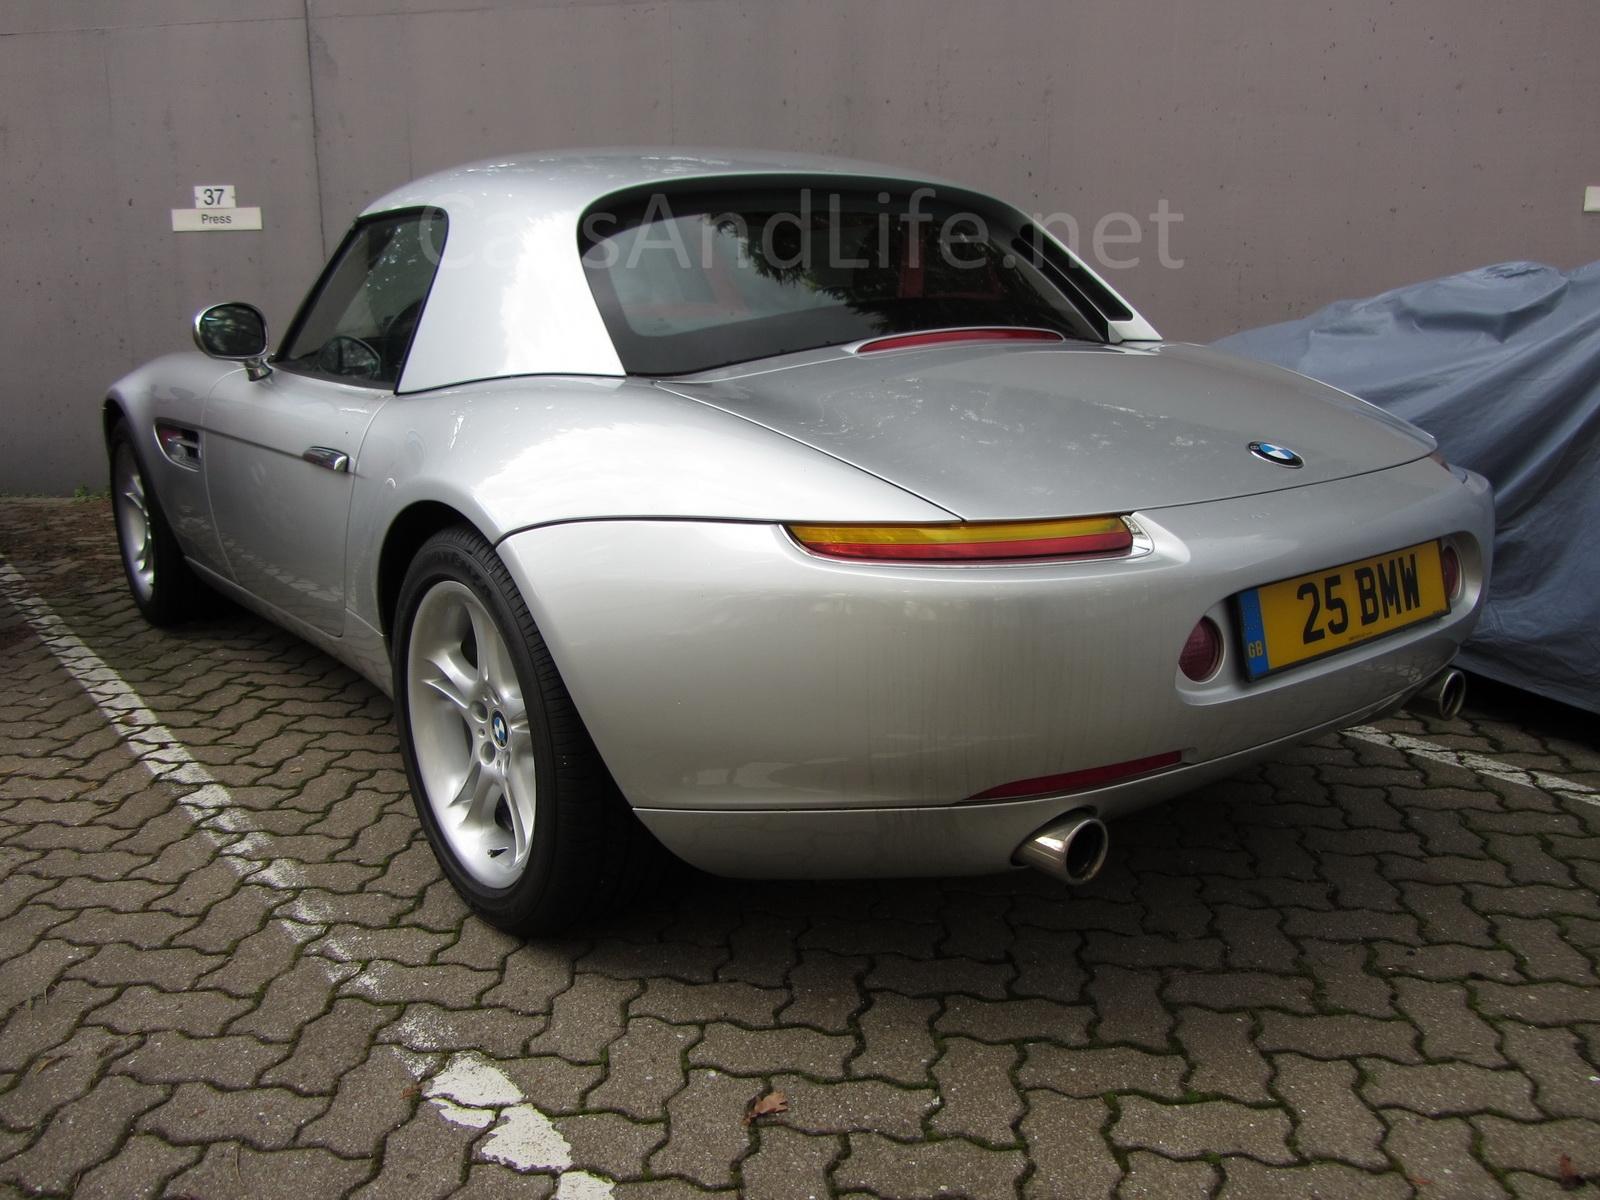 Whatwasthatcar Wwtcar Com James Bond S Car Bmw Z8